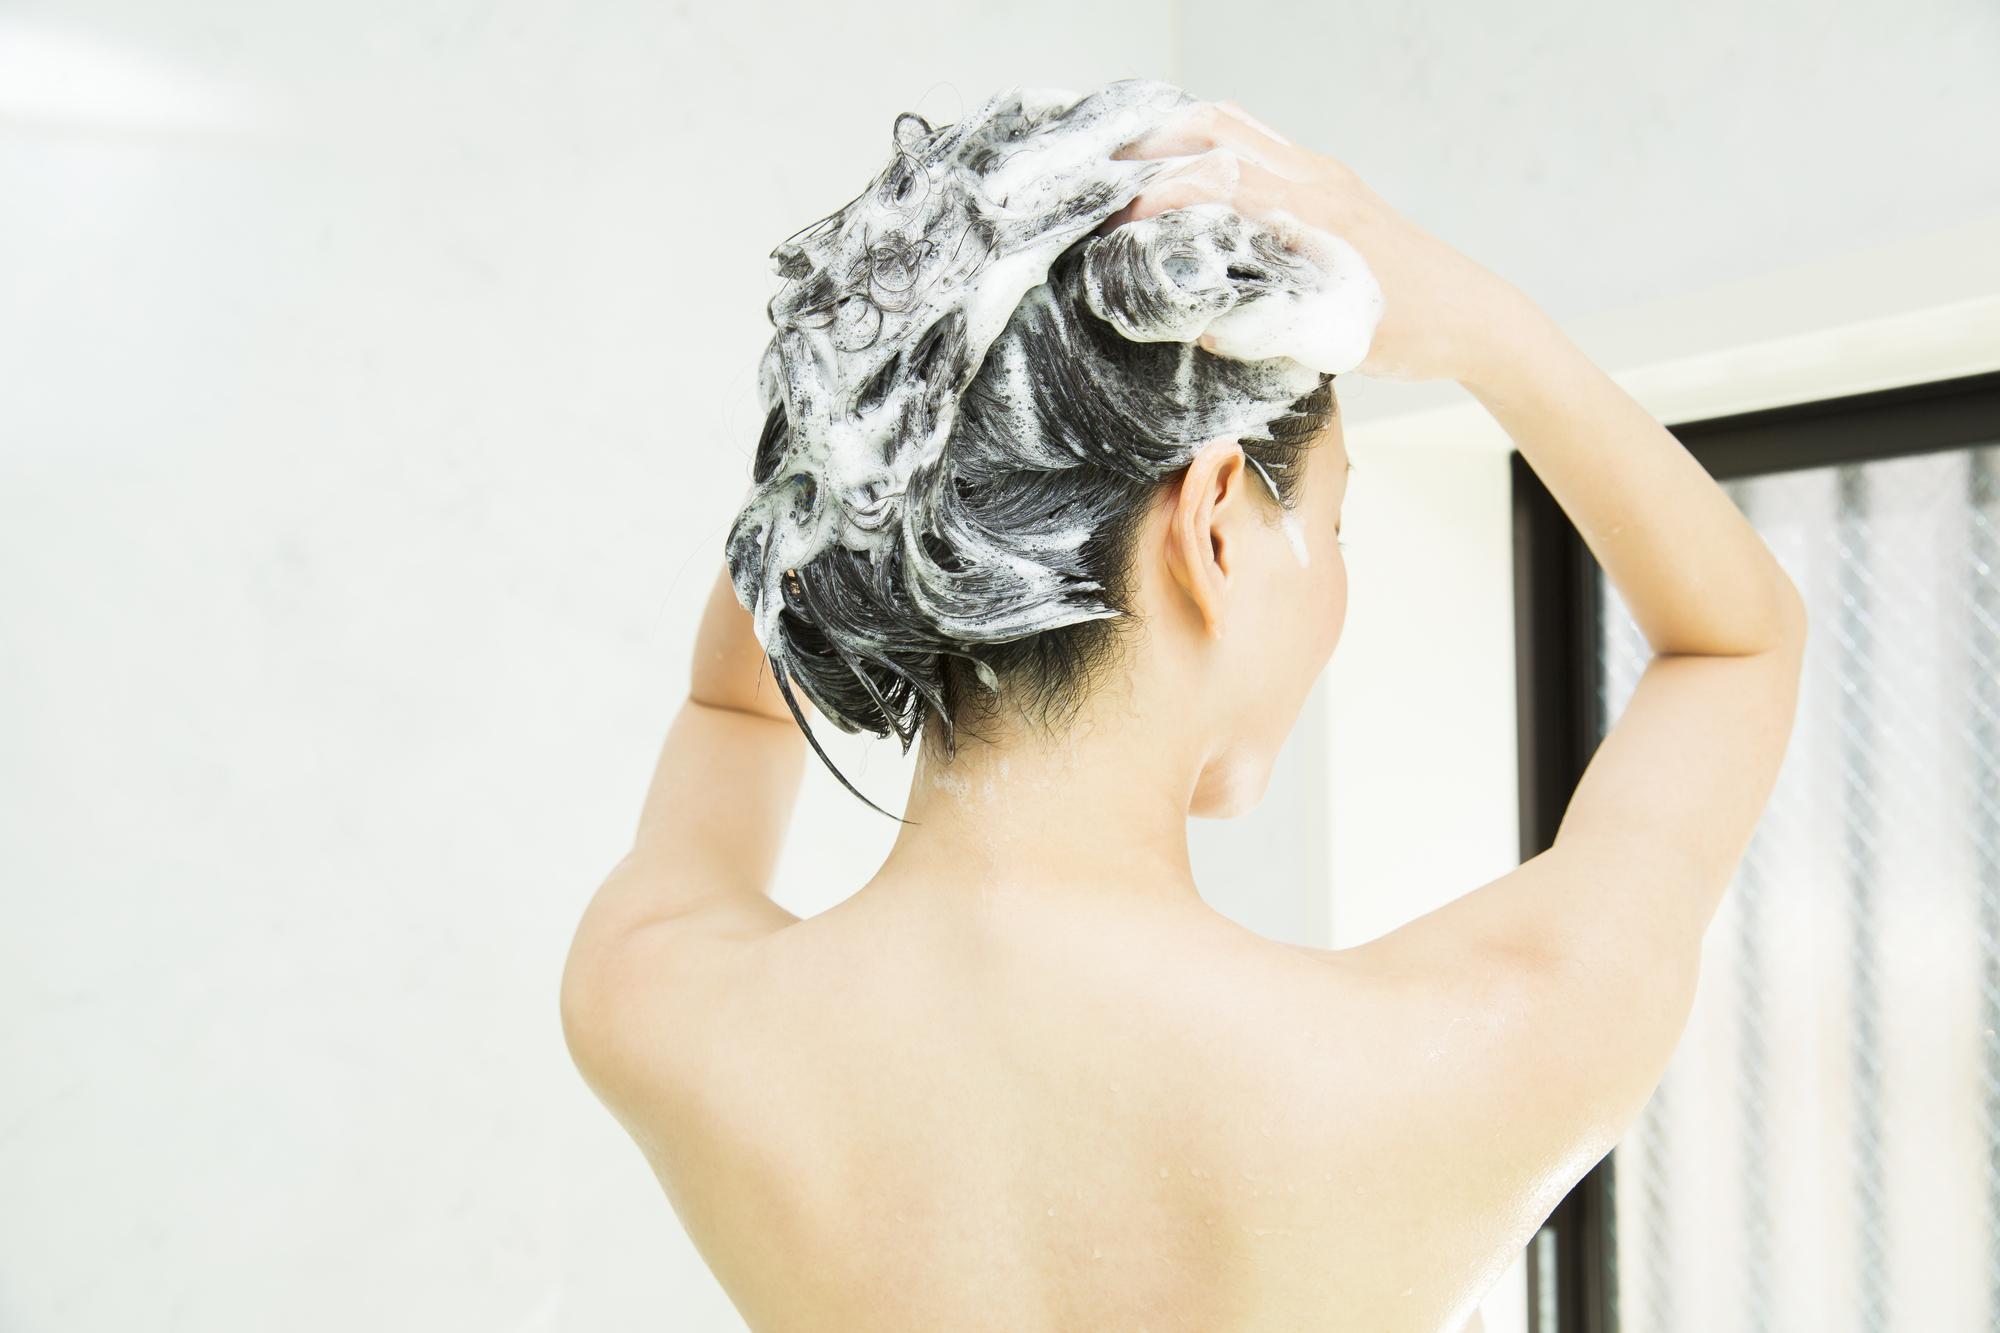 マイナチュレシャンプーとチャップアップシャンプーの違いを徹底解説!